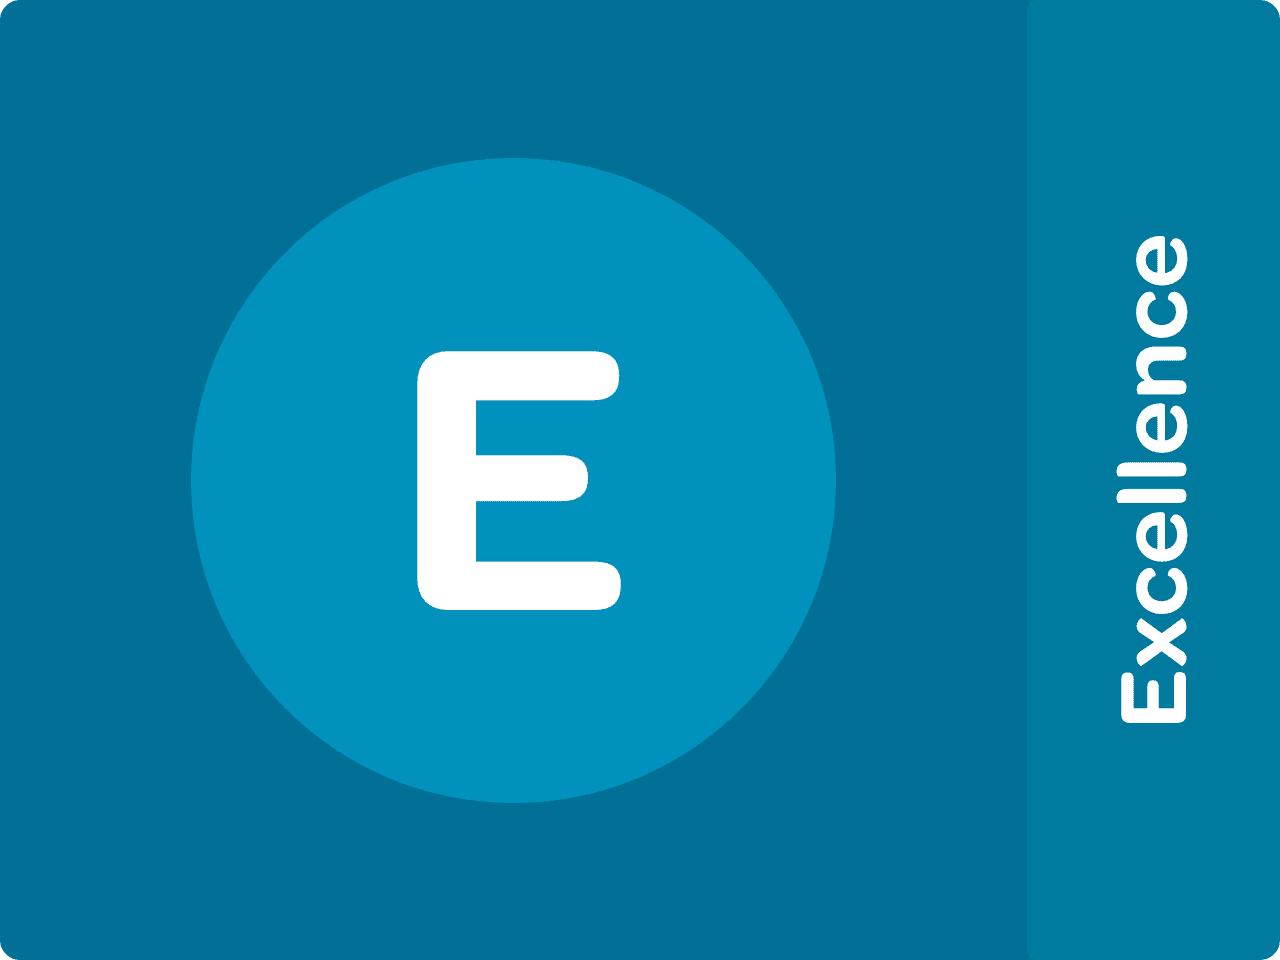 E - Excellence